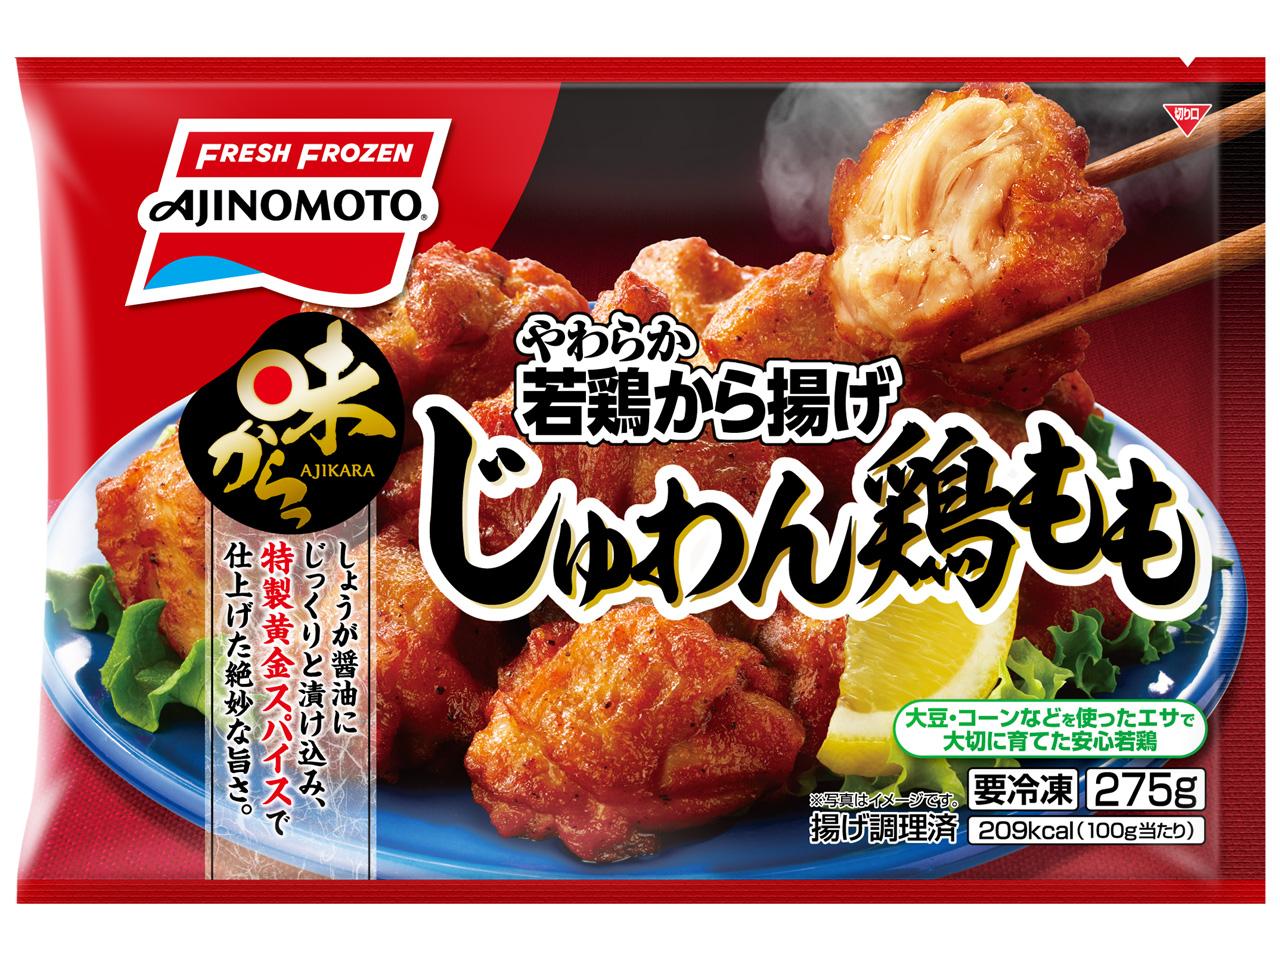 櫻井翔さんの「味からっ」TVCM 10月4日からスタート